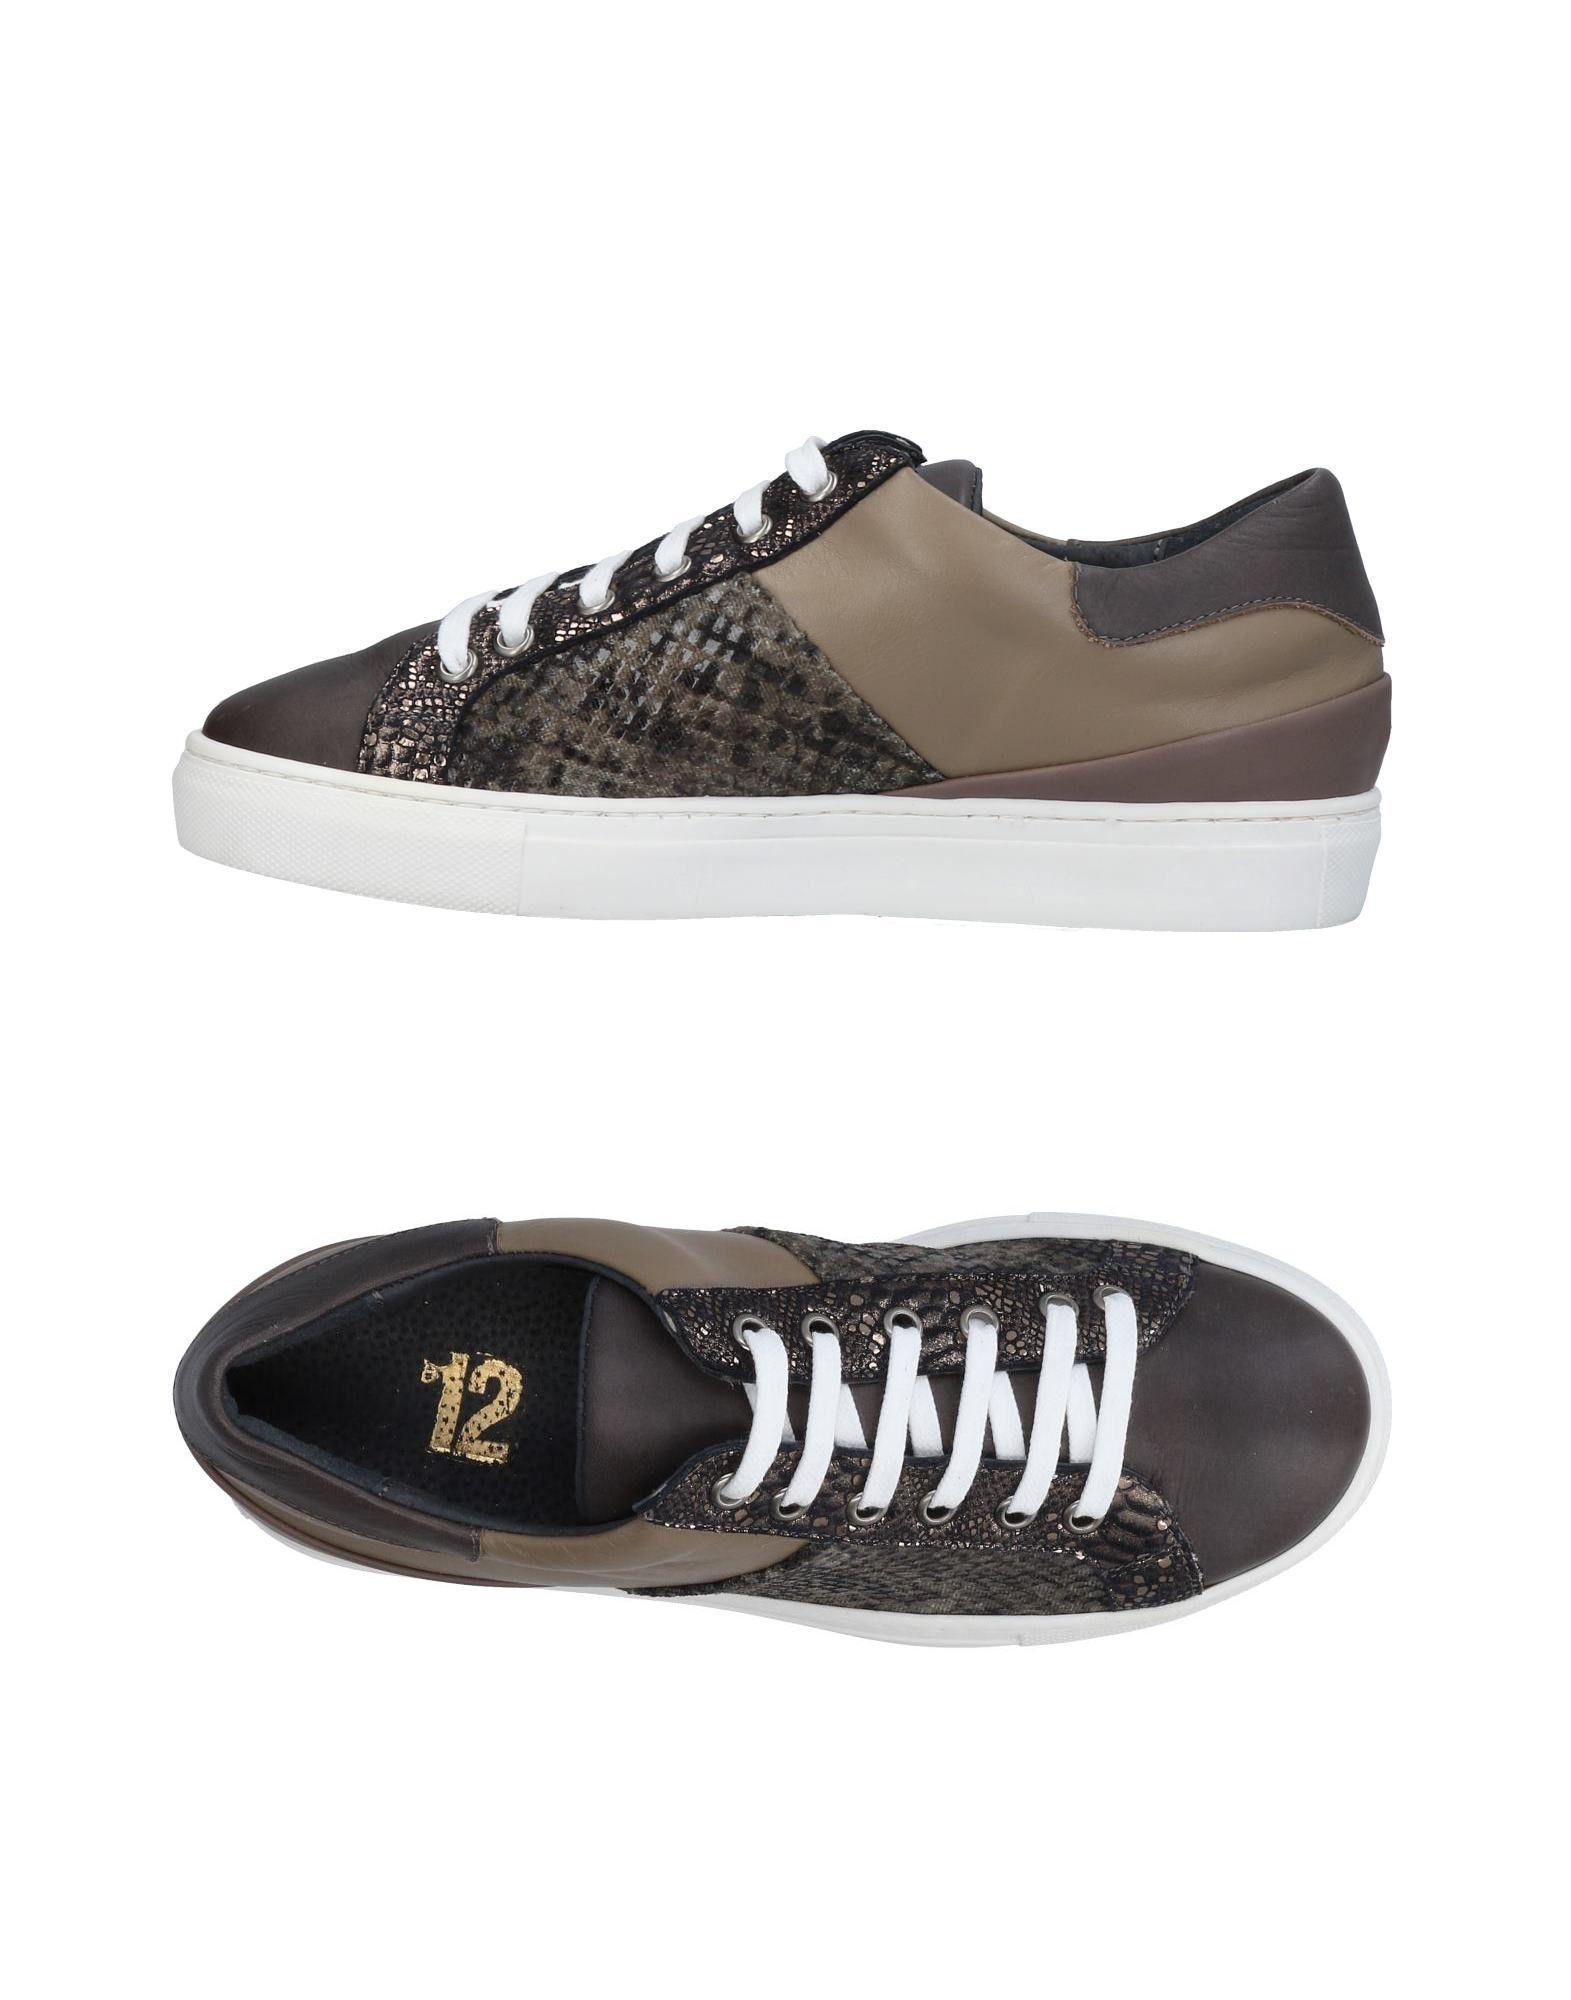 Tsd12 Sneakers - Women Tsd12 Sneakers - online on  Canada - Sneakers 11453948FN 83459b